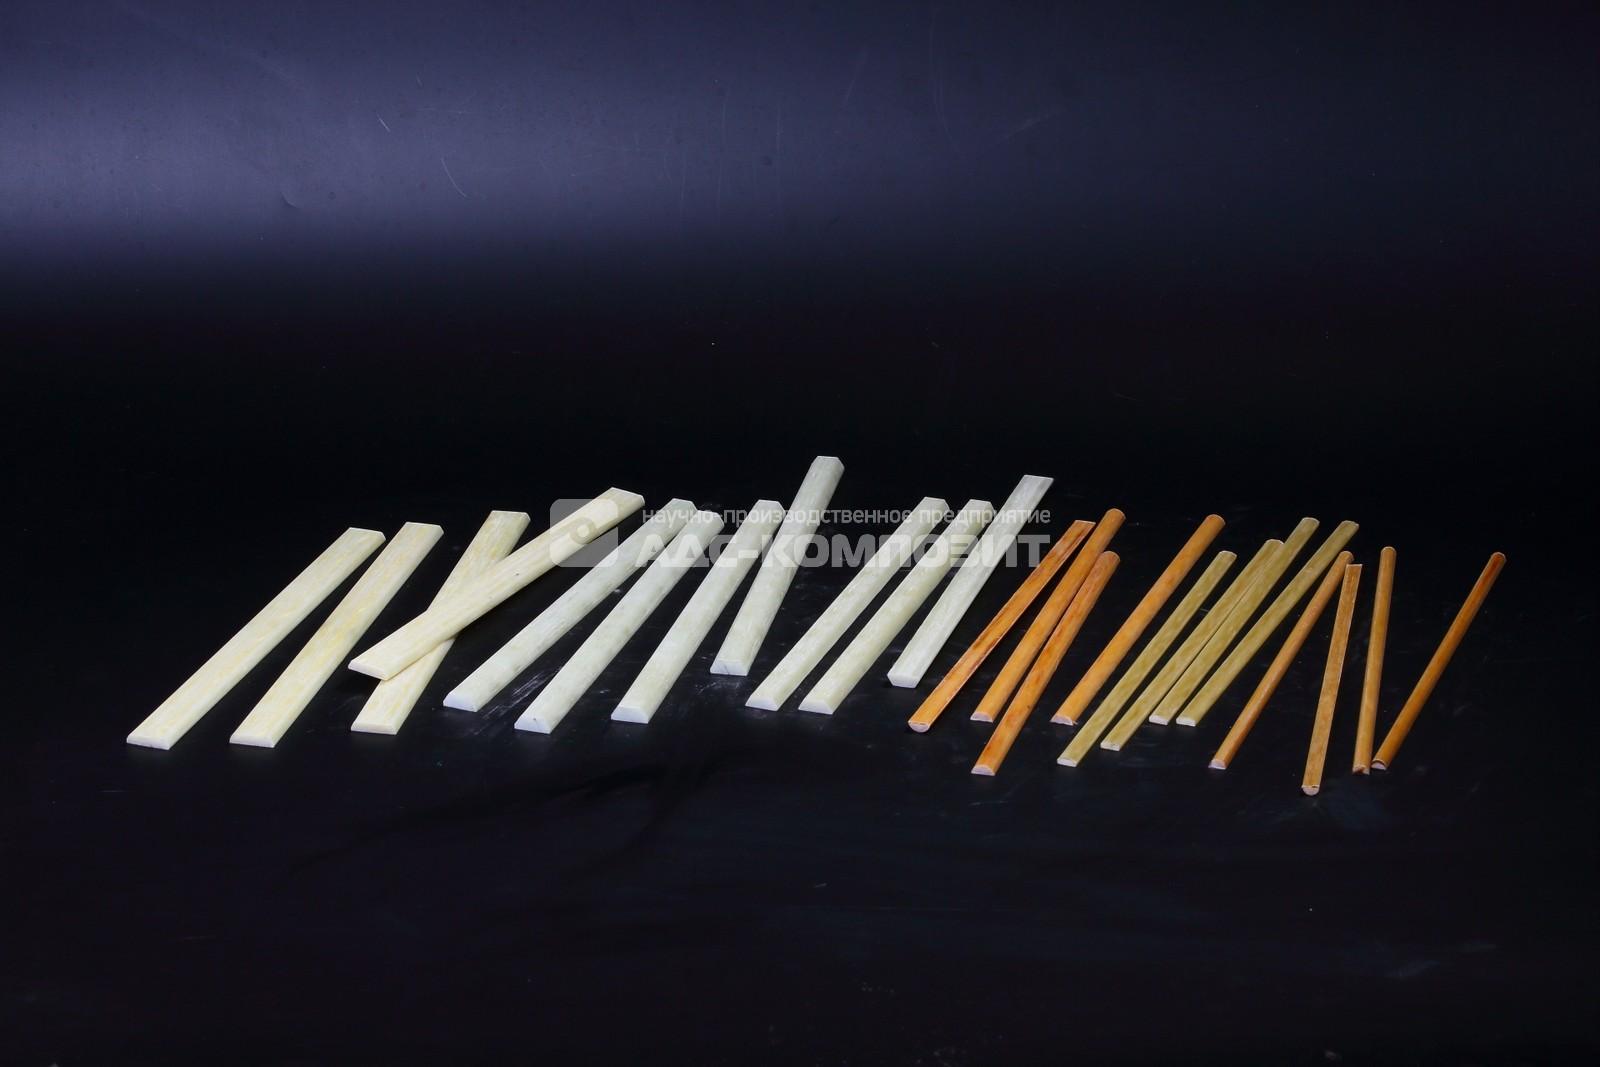 Стеклопластик профильный для электродвигателей (клин пазовый) марки СПП-ЭУ, СПП-БИД